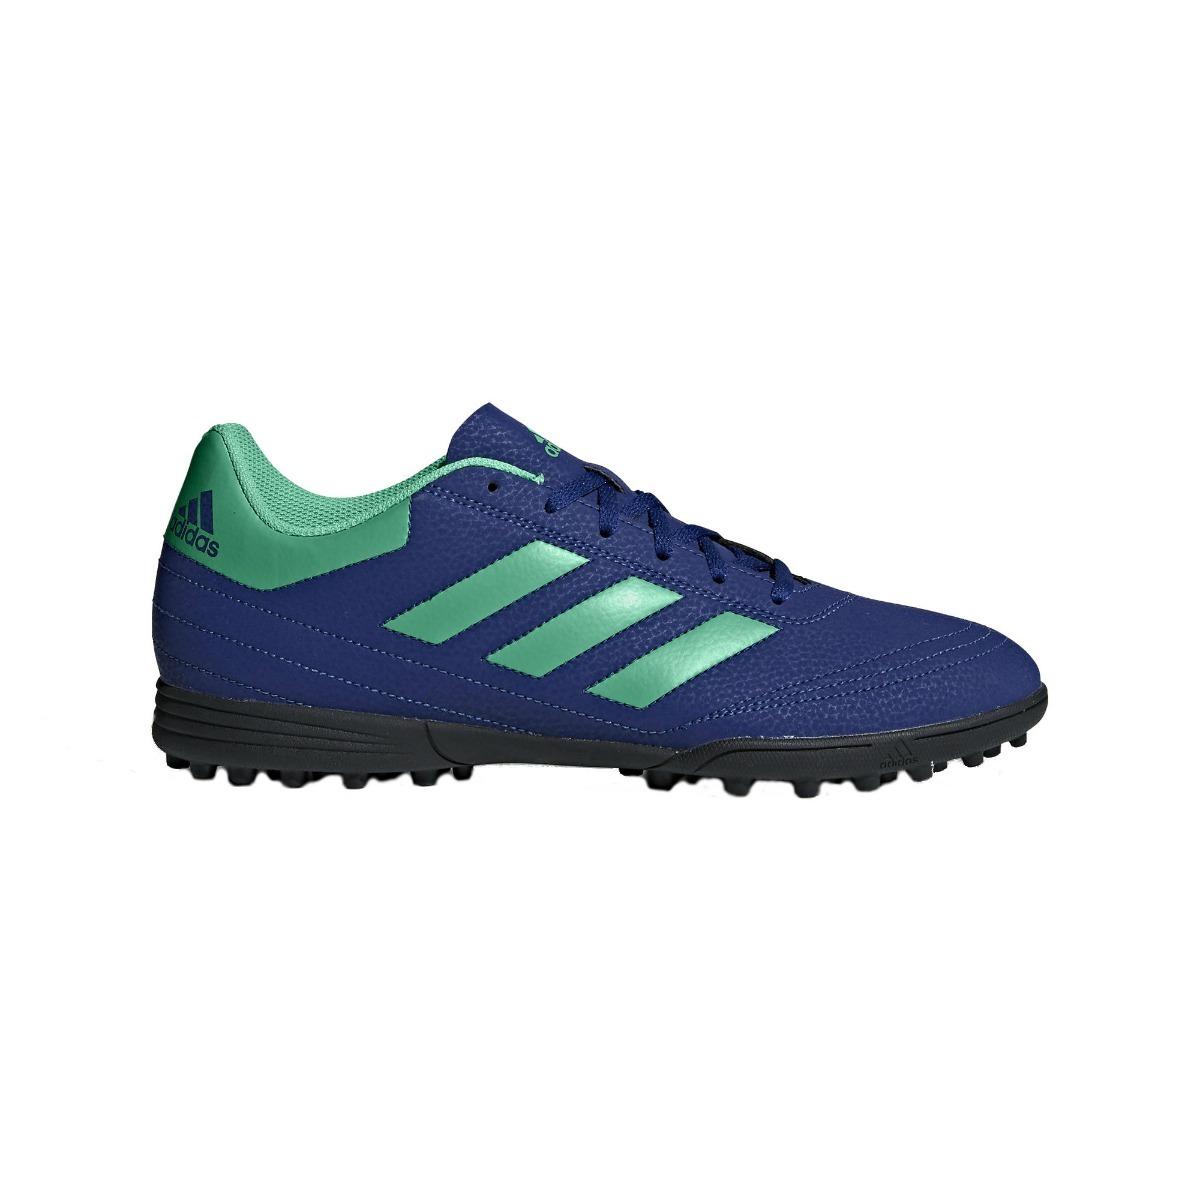 4bf43dcb6e71f zapatillas hombre adidas goletto 6 grass sintético oferta. Cargando zoom.